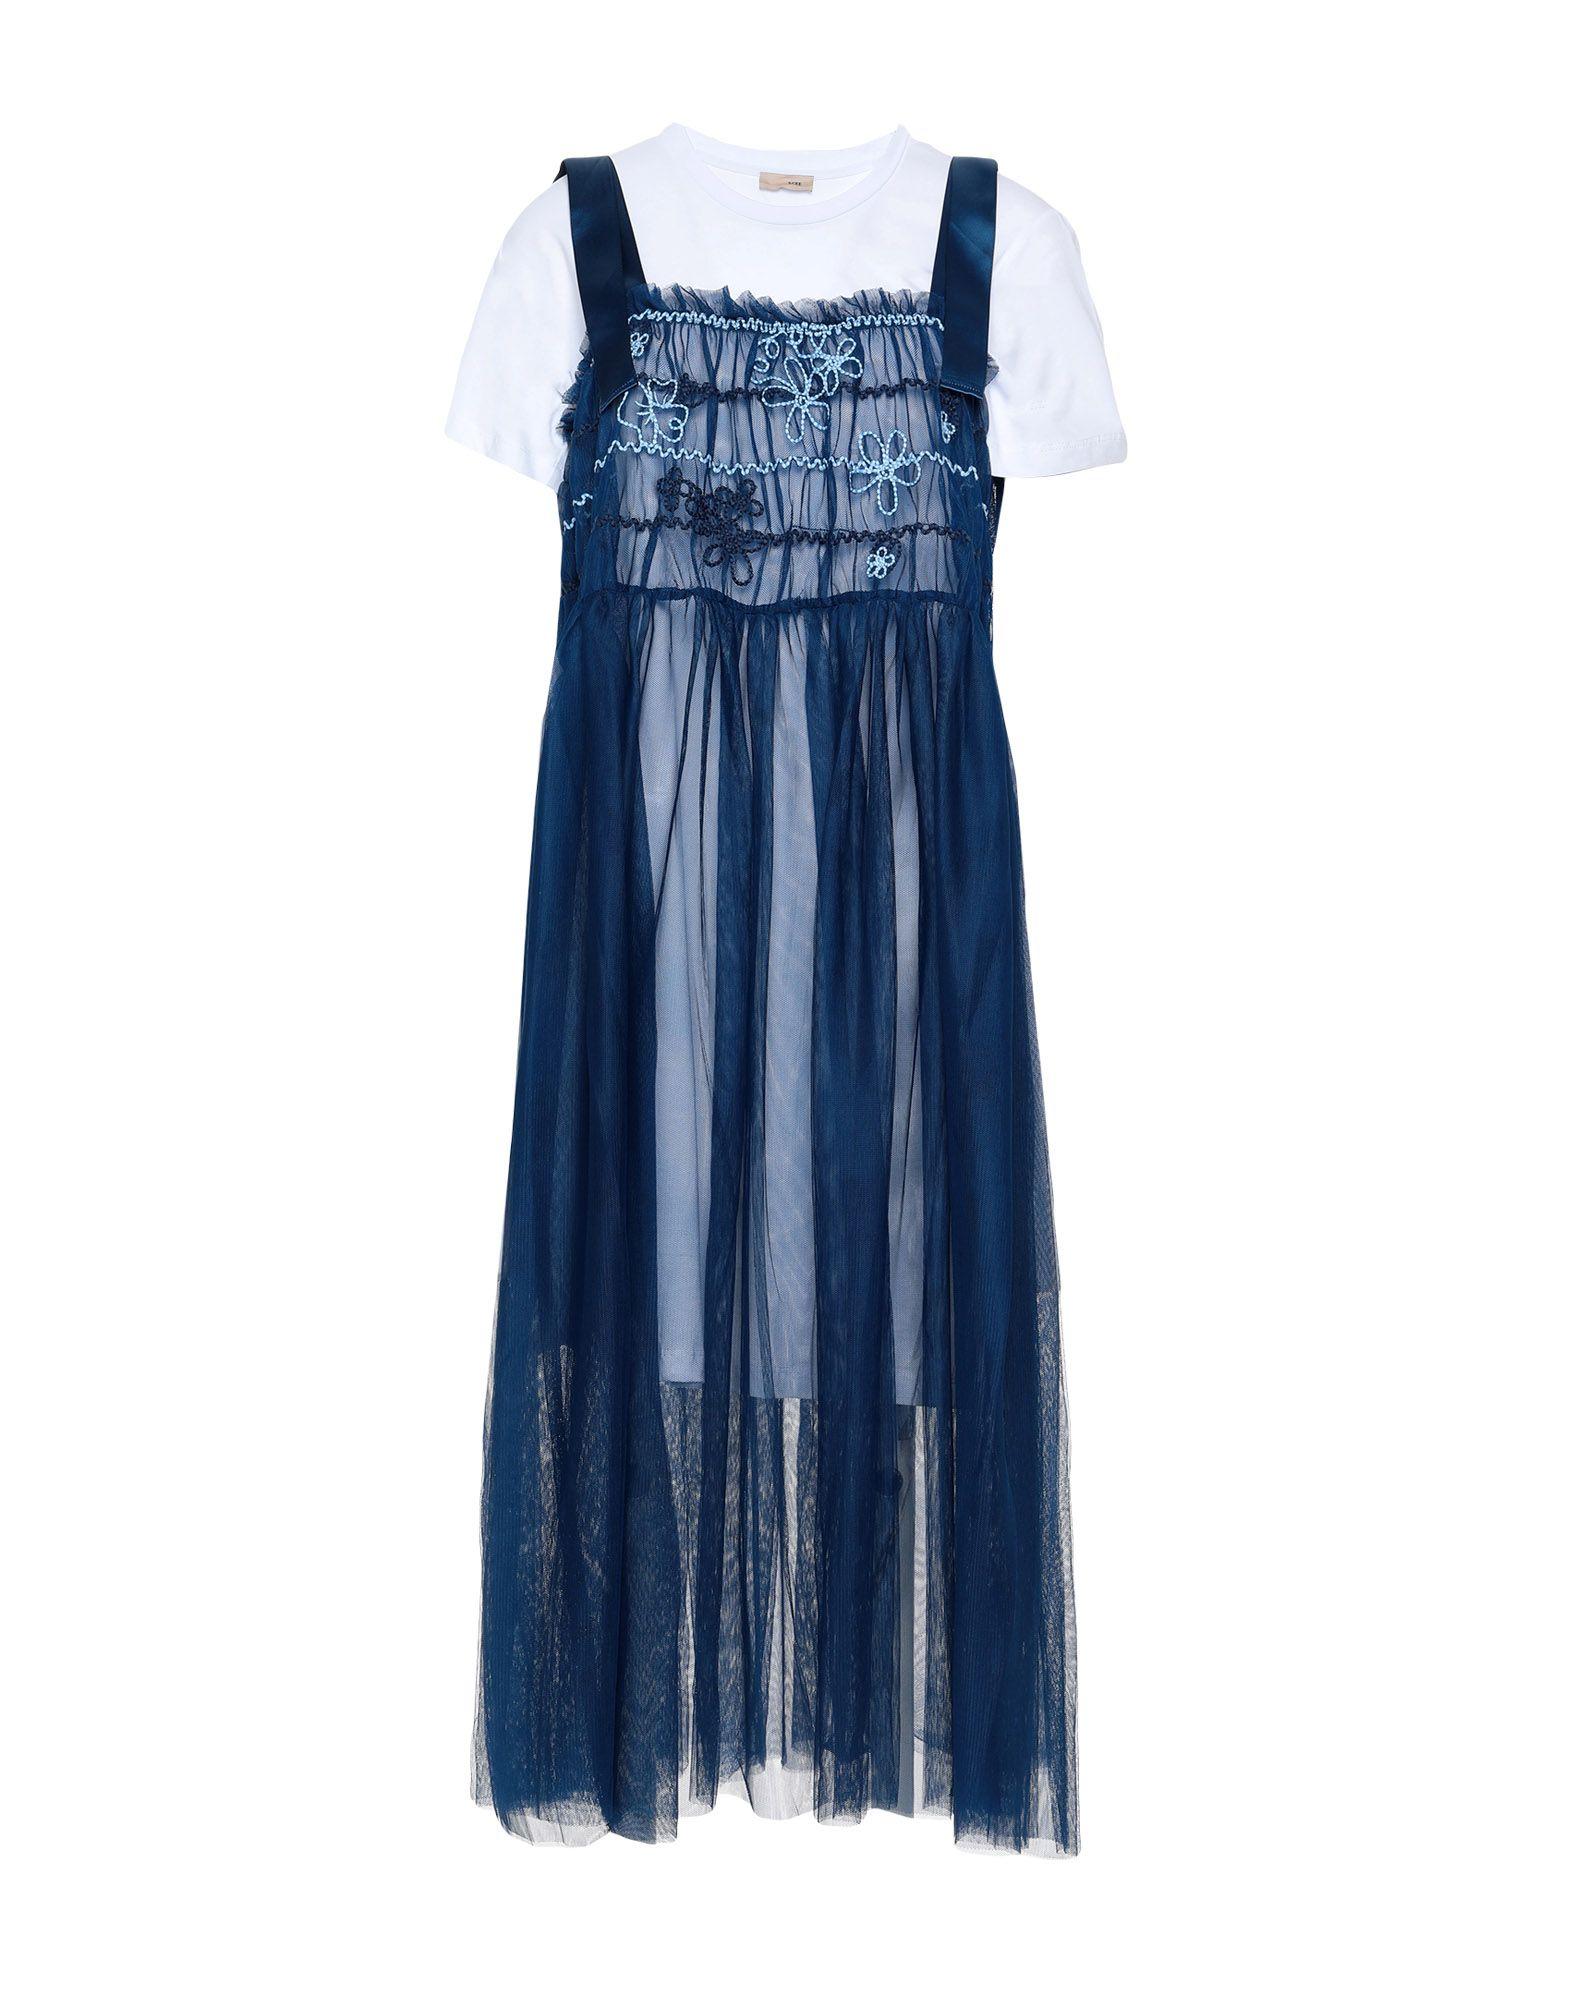 SCEE by TWINSET Платье длиной 3/4 scee by twinset платье до колена